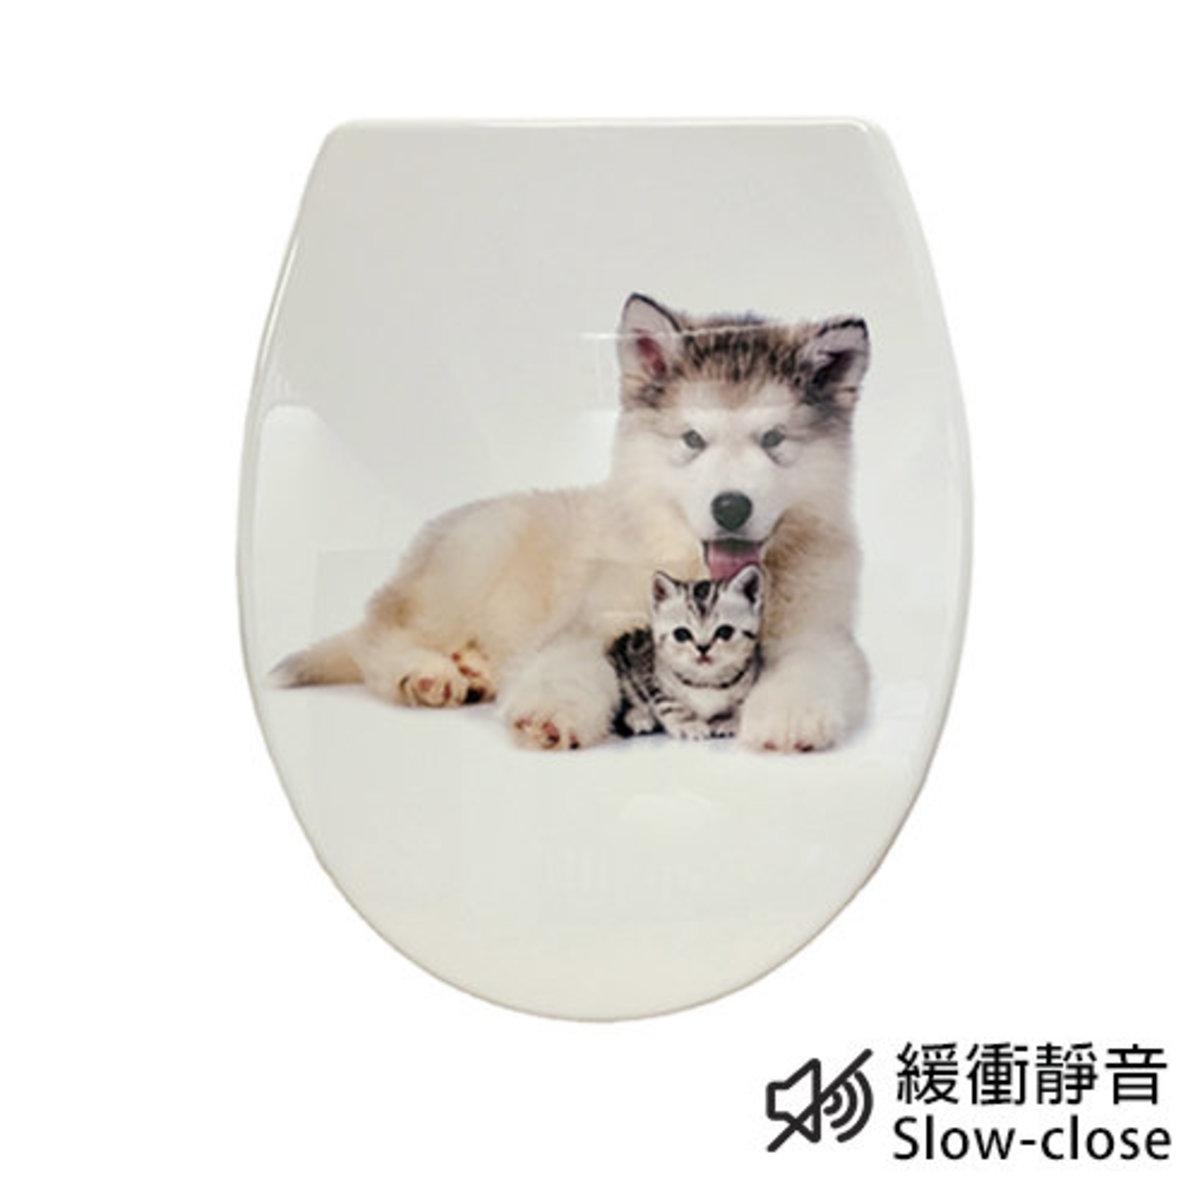 UF緩衝廁板 1C102 (動物圖案)